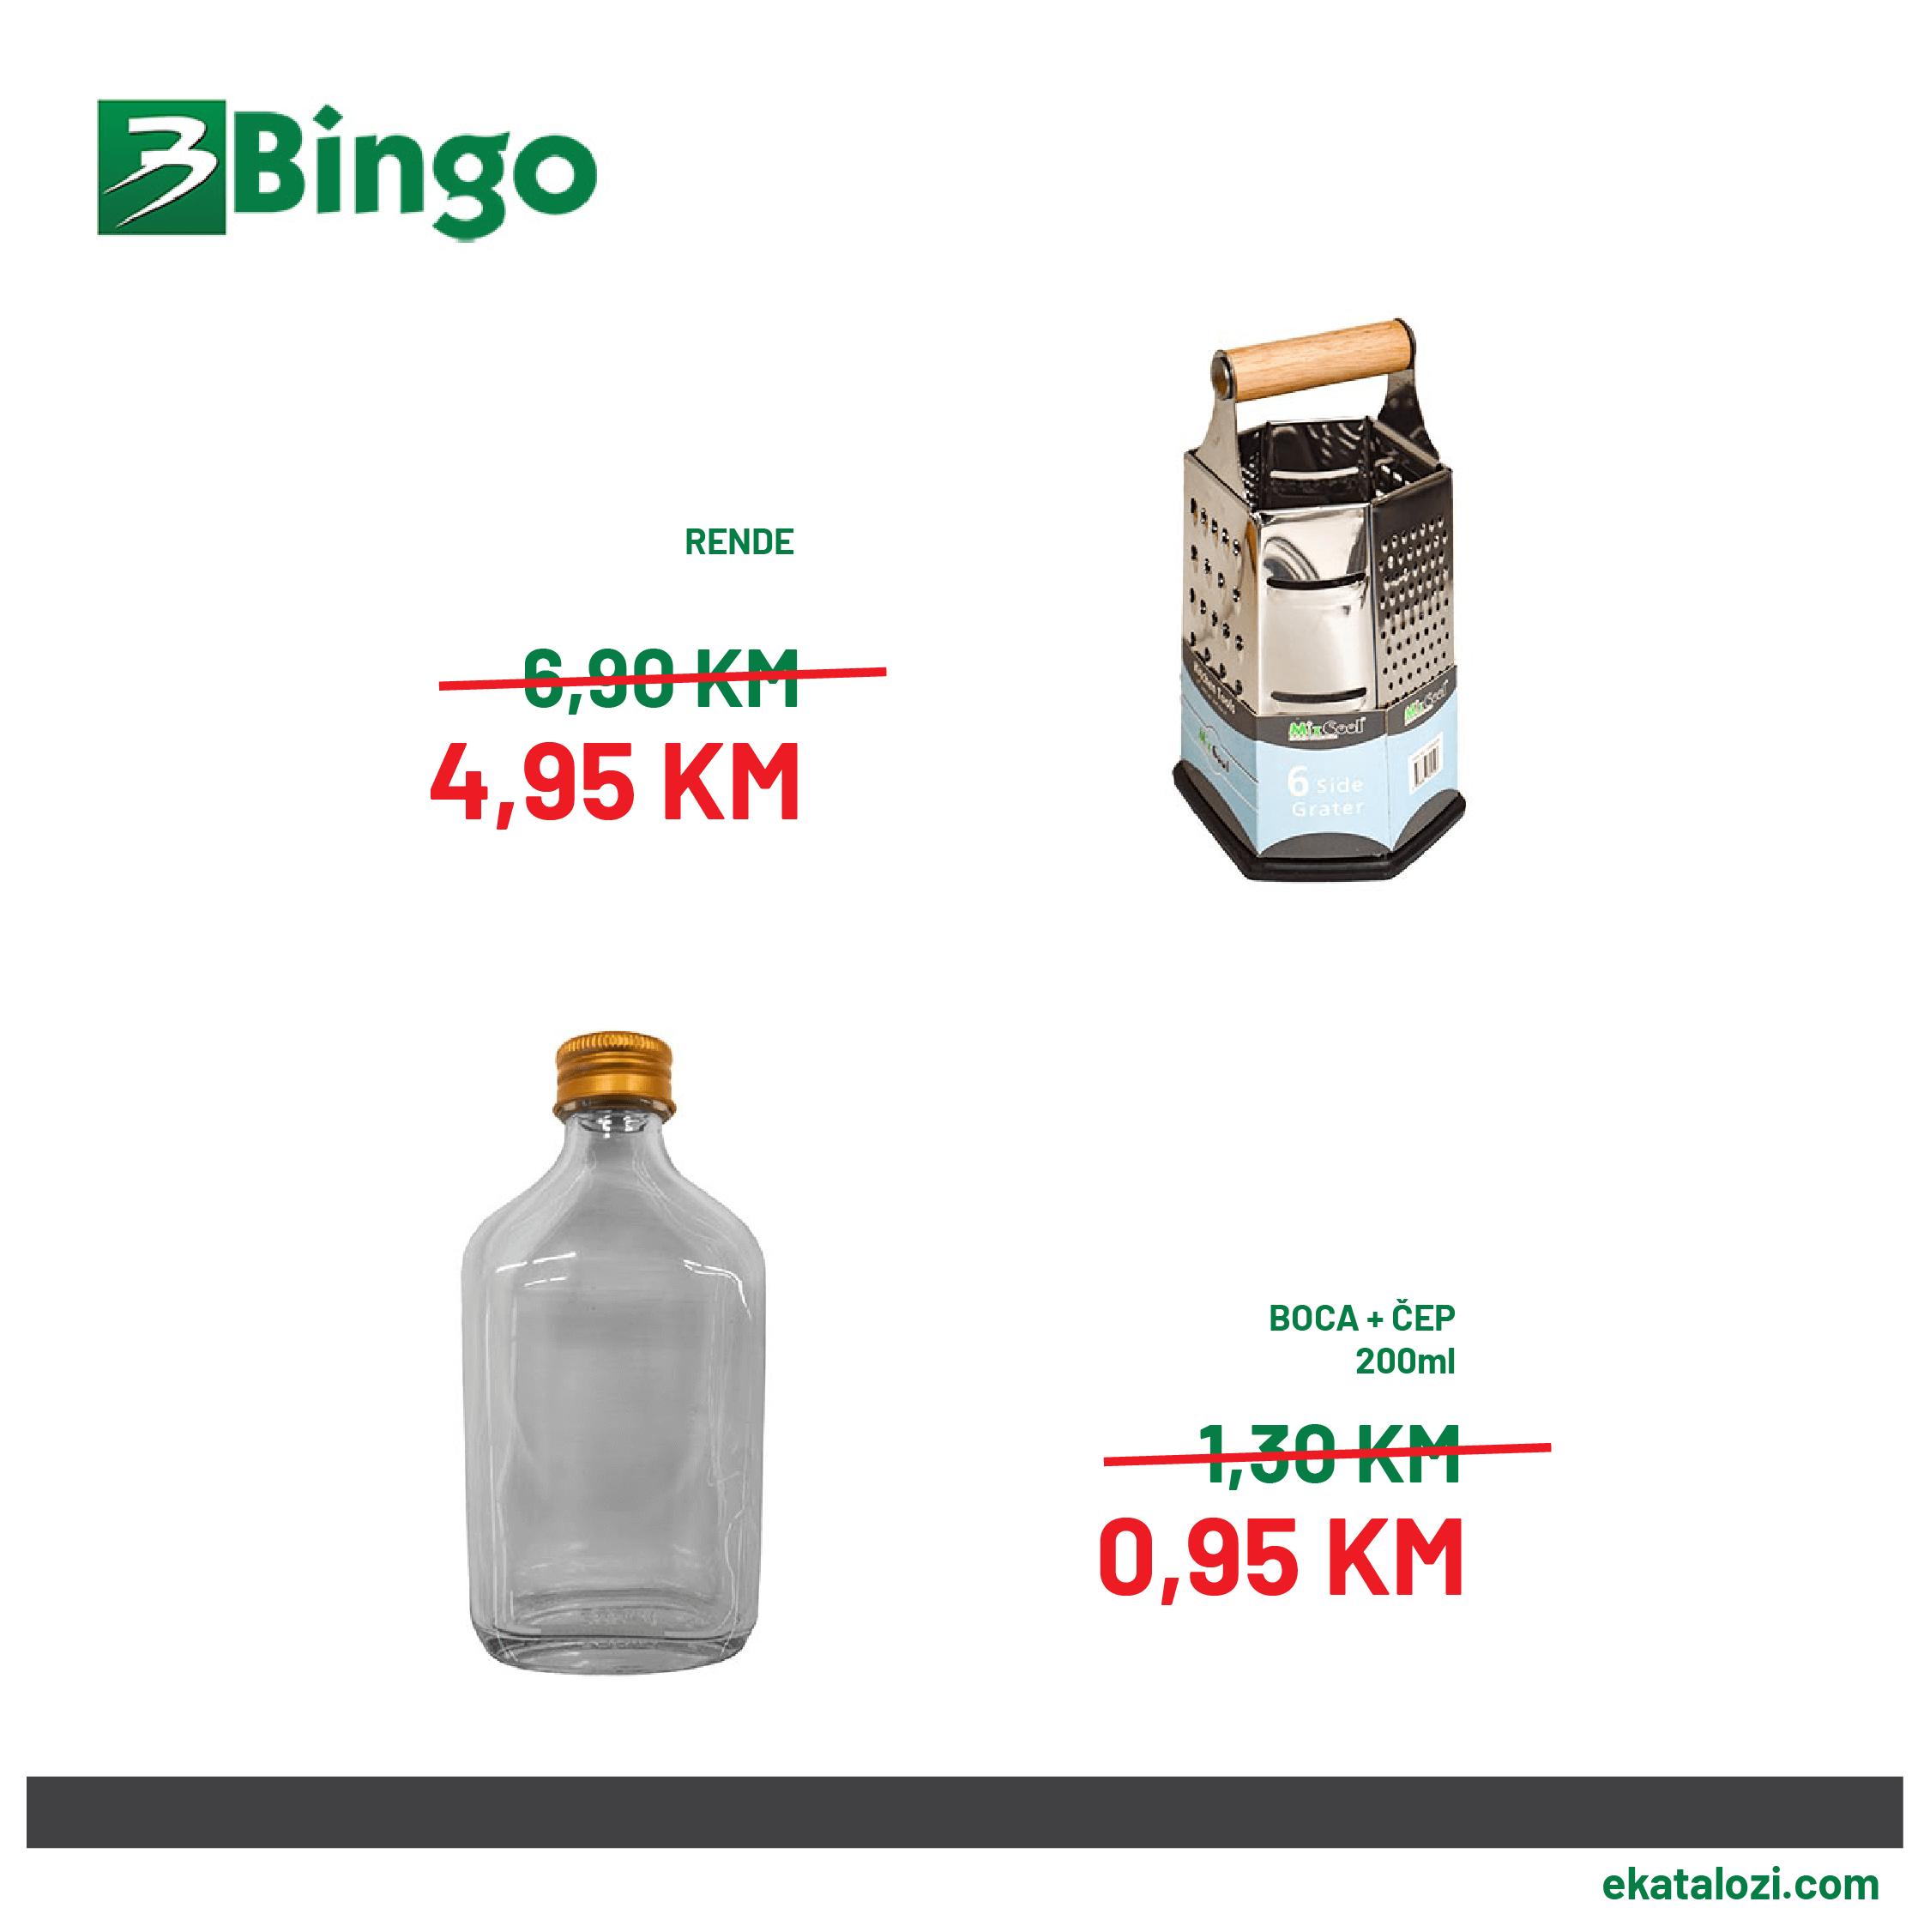 BINGO Super akcija AVGUST 2021 24.8.2021. 26.8.2021 2